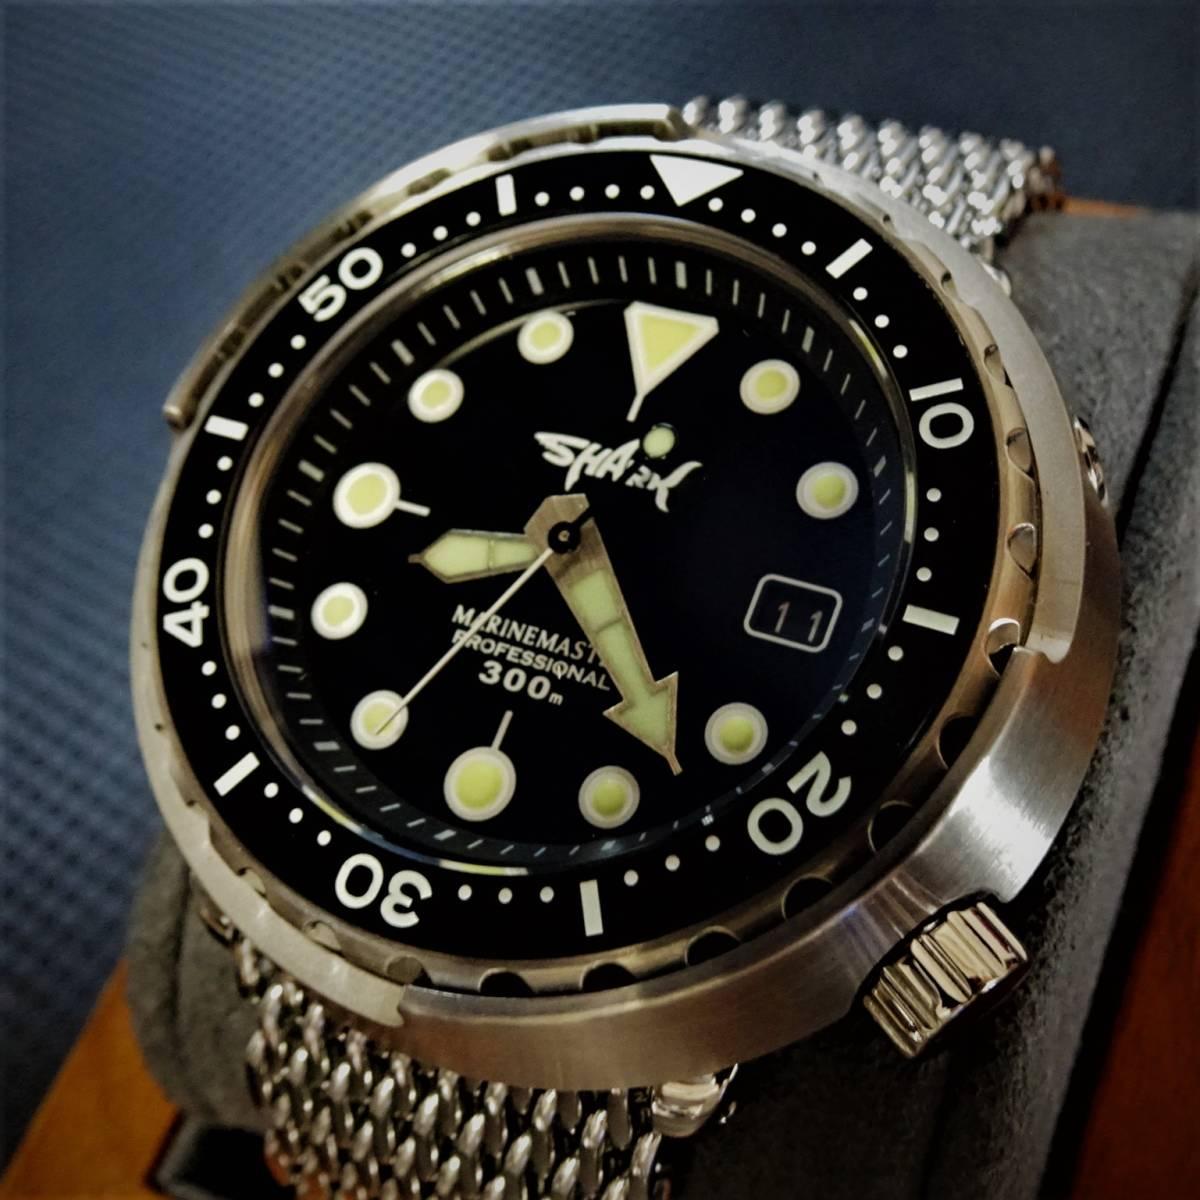 〓新品〓自動巻きNH35機械式腕時計ダイバープロフェッショナルツナ缶モデルSHARKオールステンレスオマージュウォッチシャークメッシュ